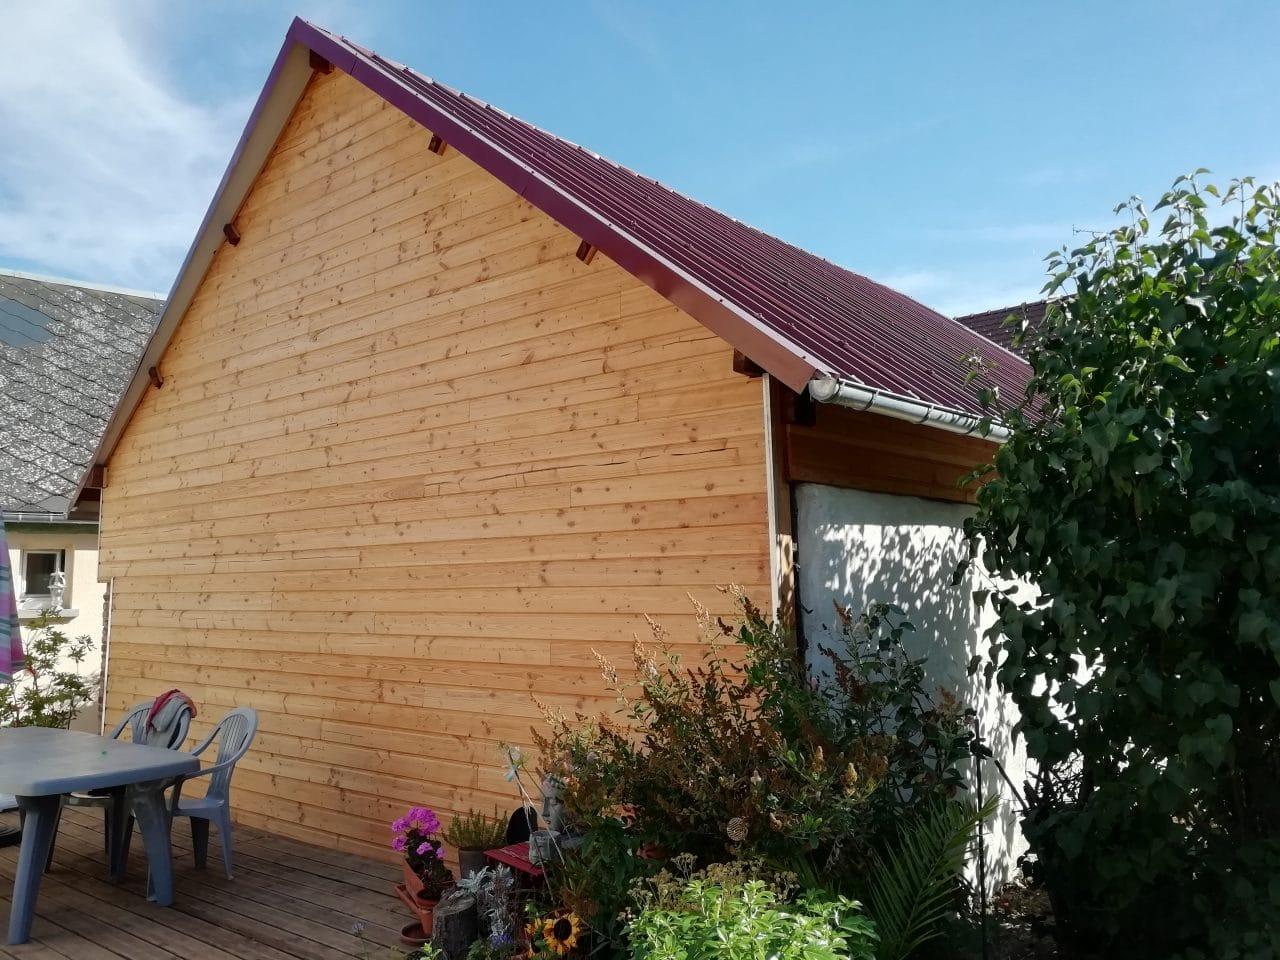 rénovation grange mur bardage bois jardin extérieur toiture tôle bac acier gouttière Saint-Prest